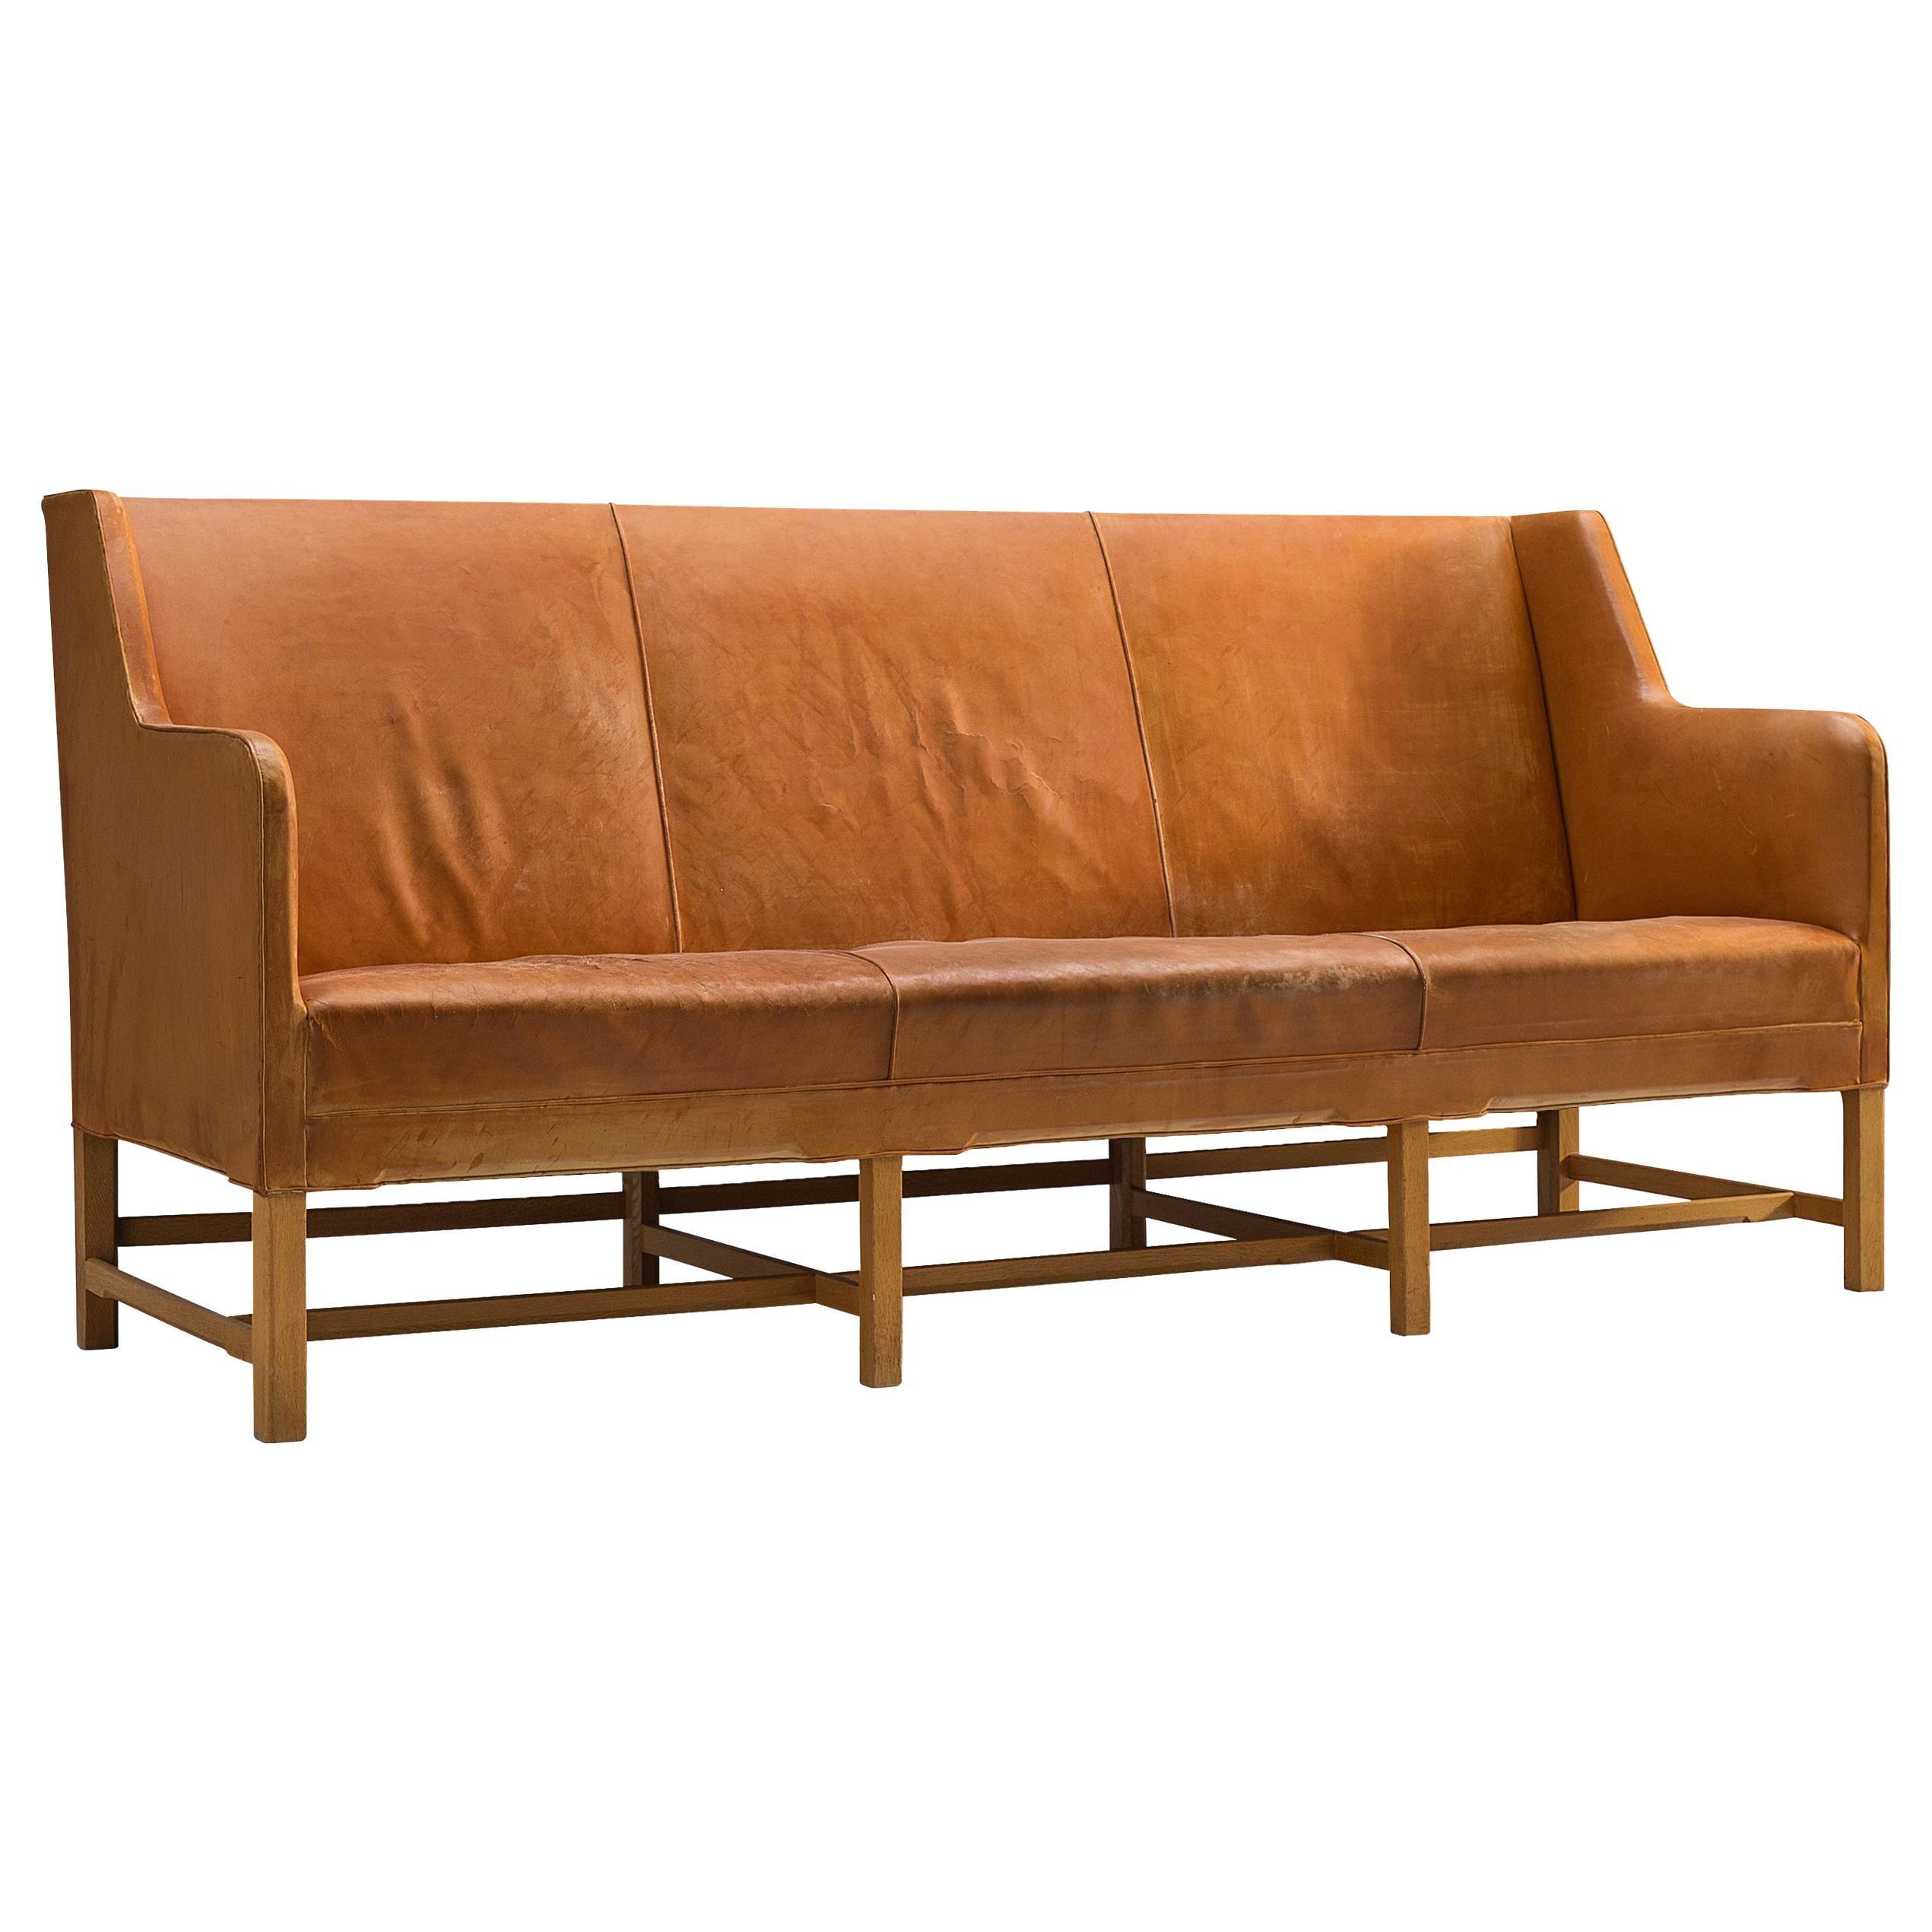 Kaare Klint for Rud Rasmussen Sofa 4118 in Original Cognac Leather